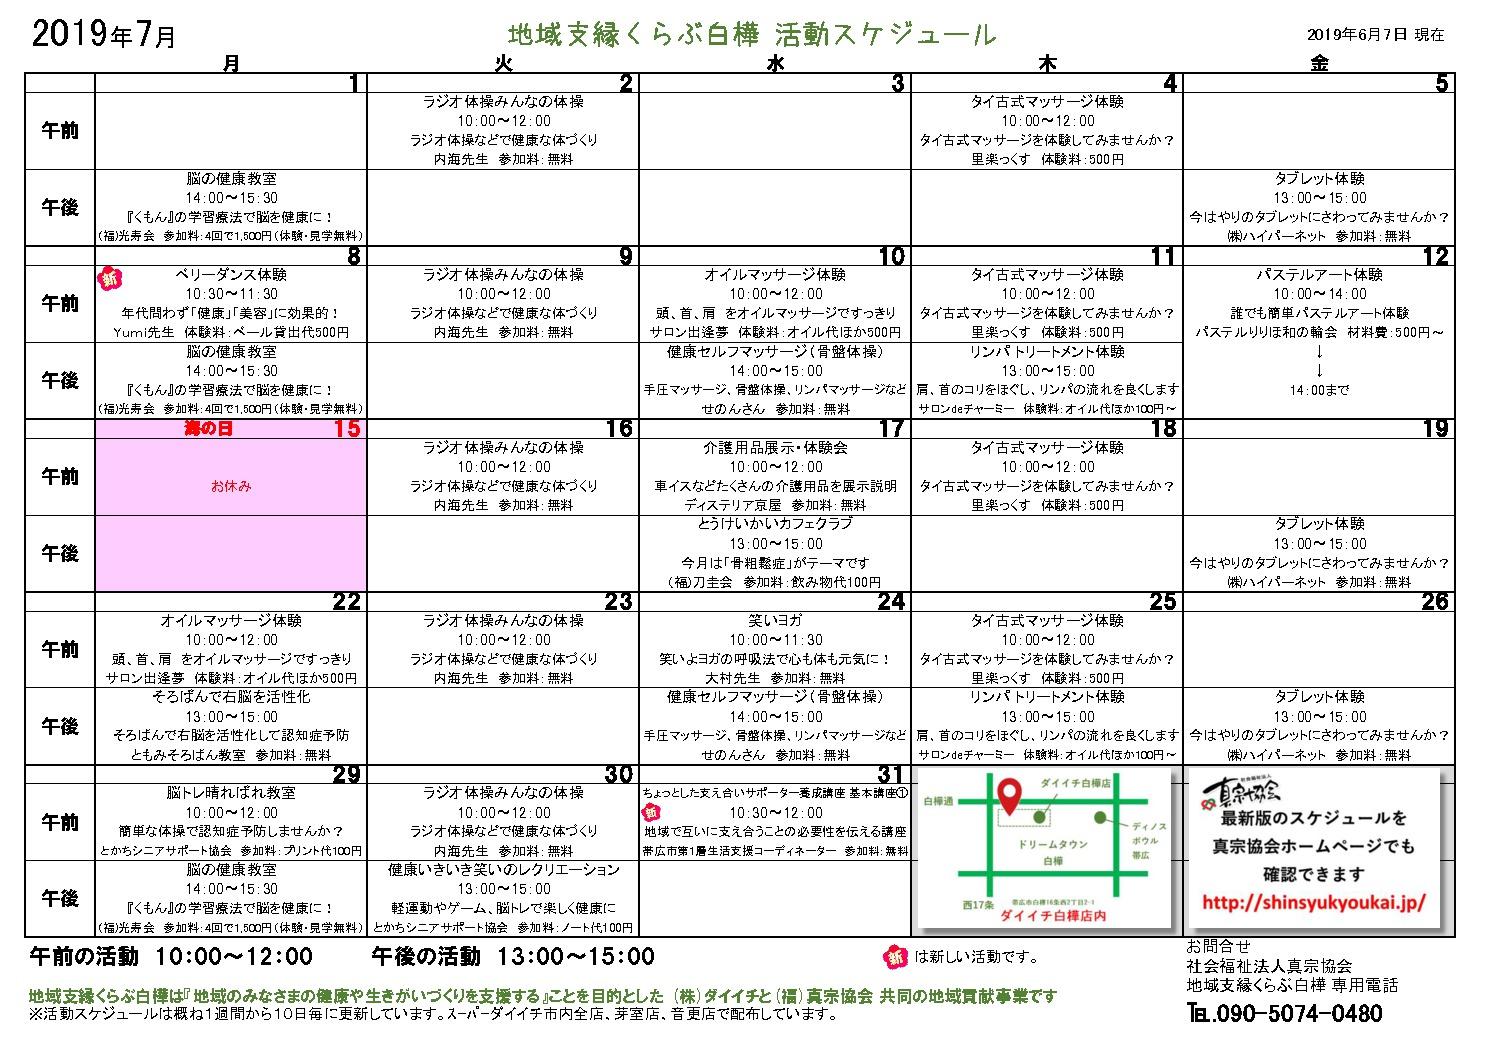 2019活動スケジュール7(2019.6.7付)のサムネイル